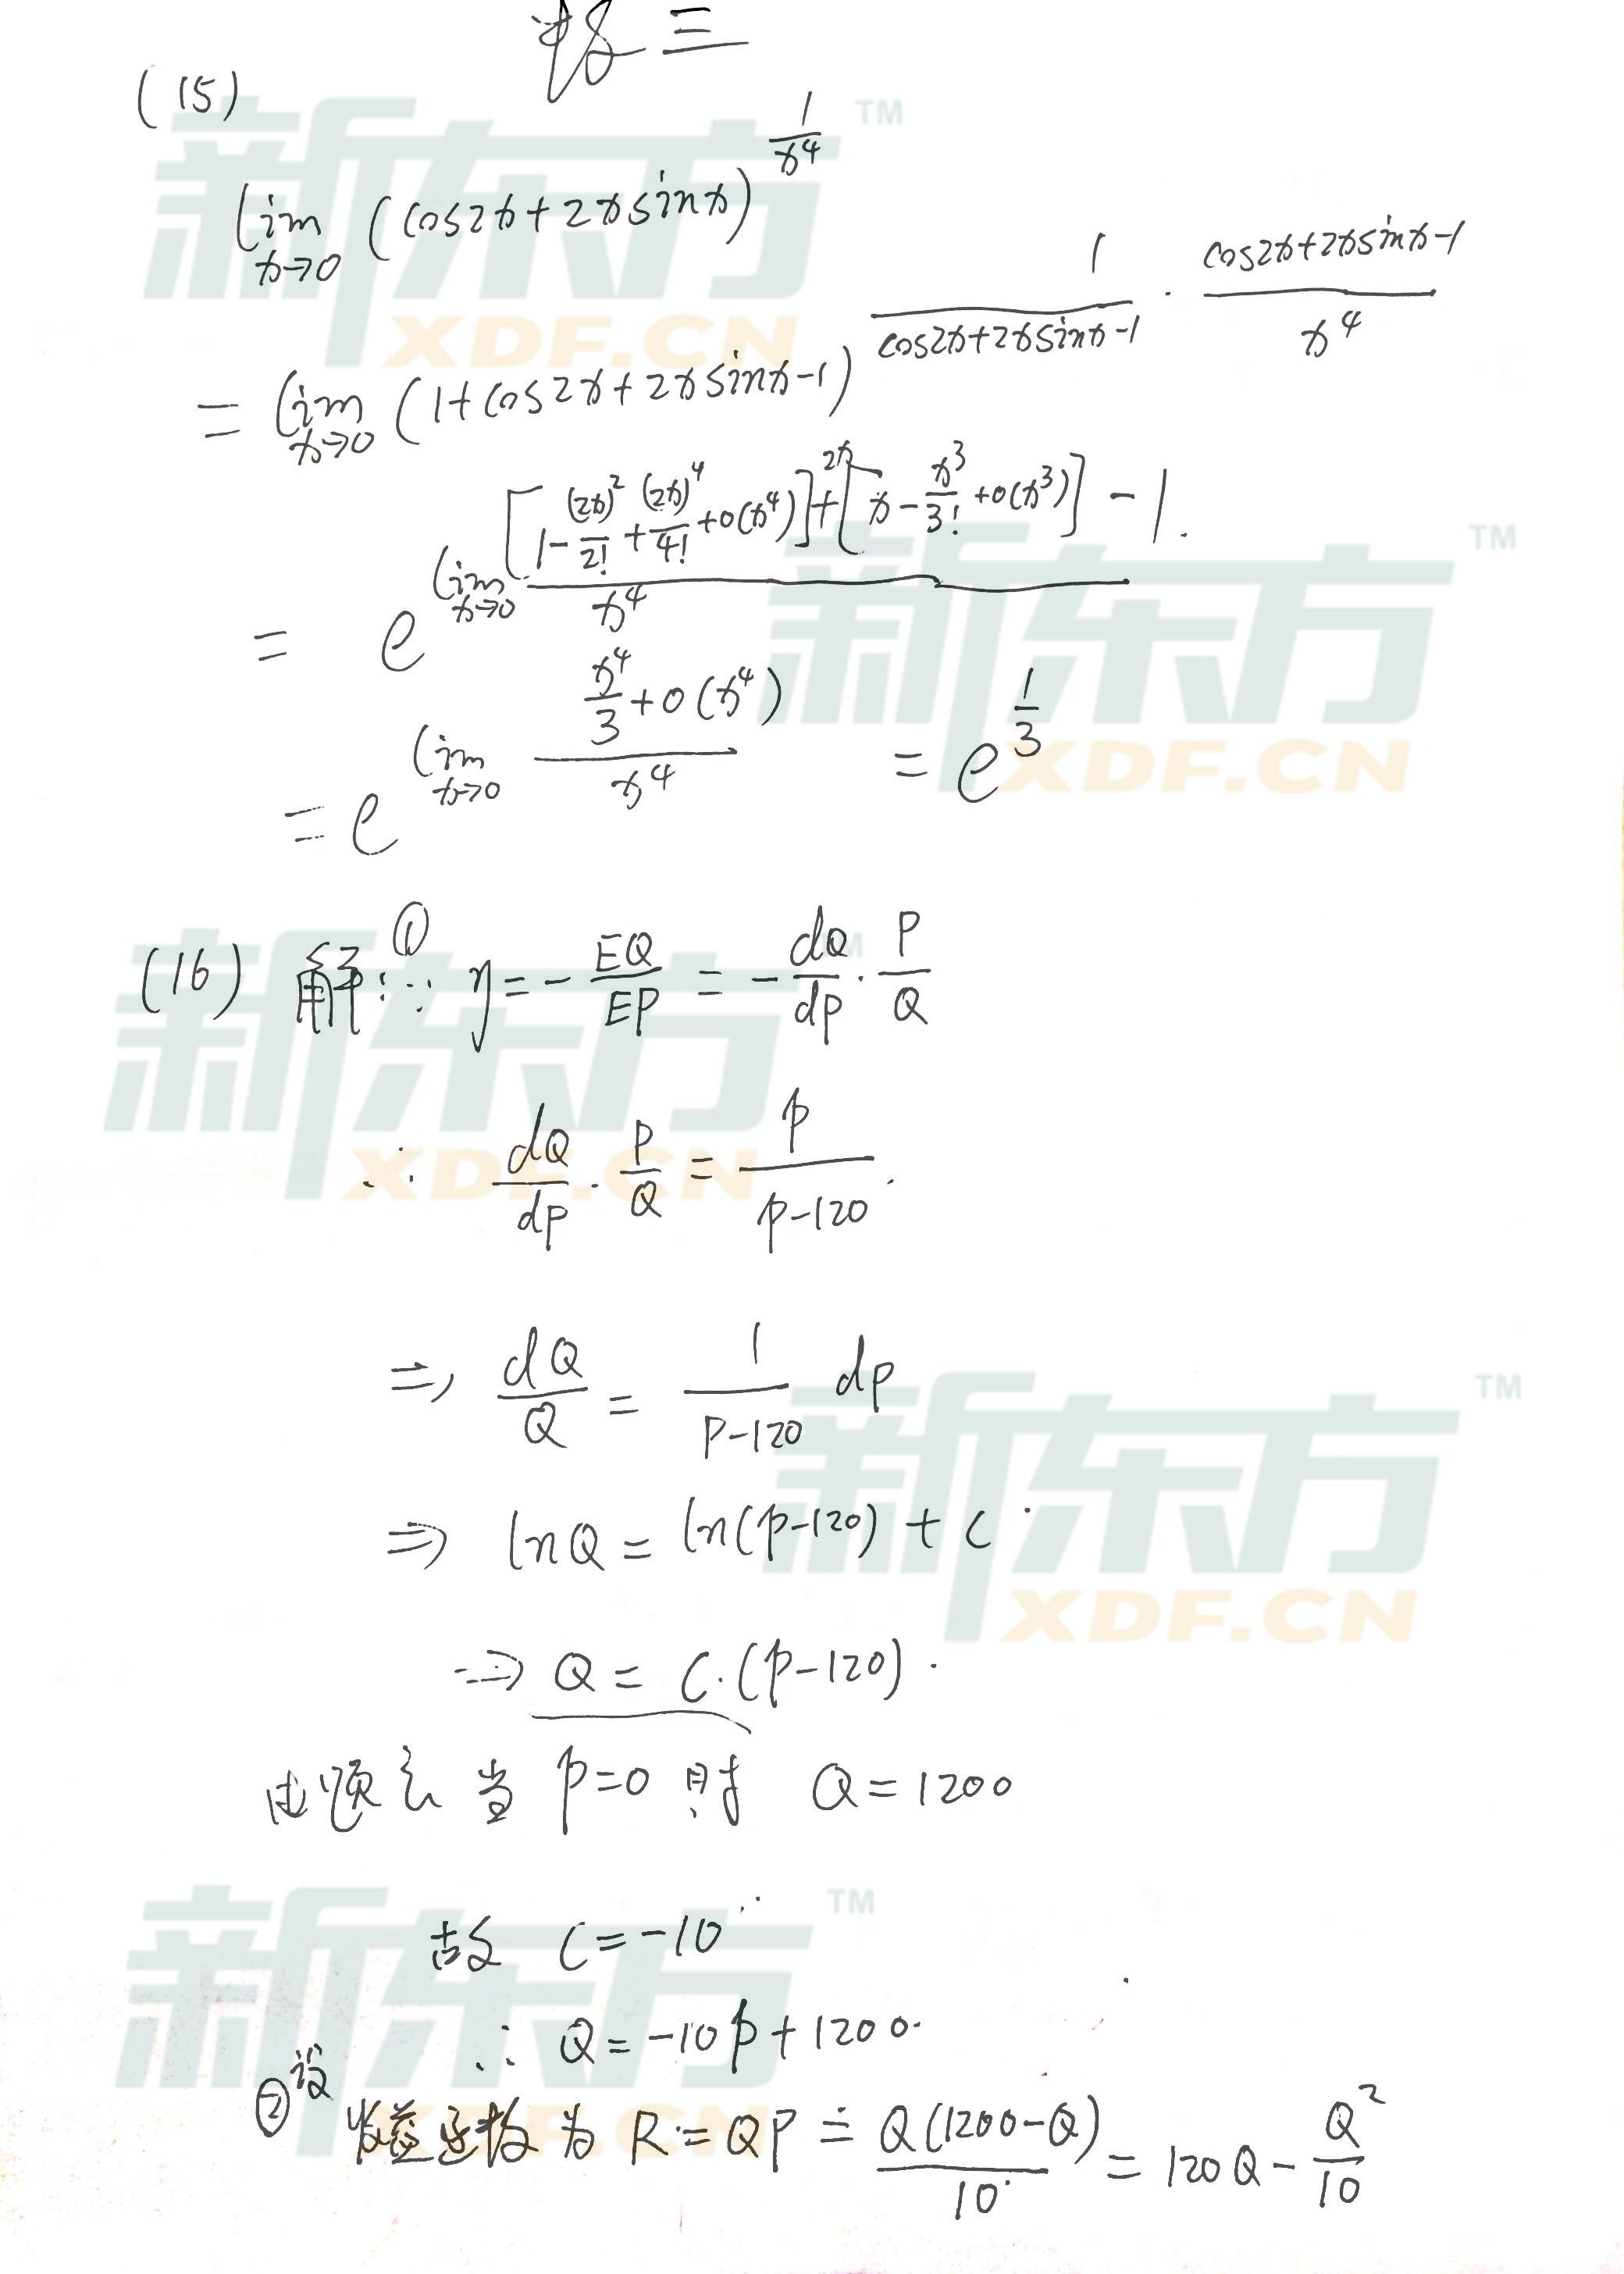 2016考研数学三答案:解答题15-18题答案解析(新东方)